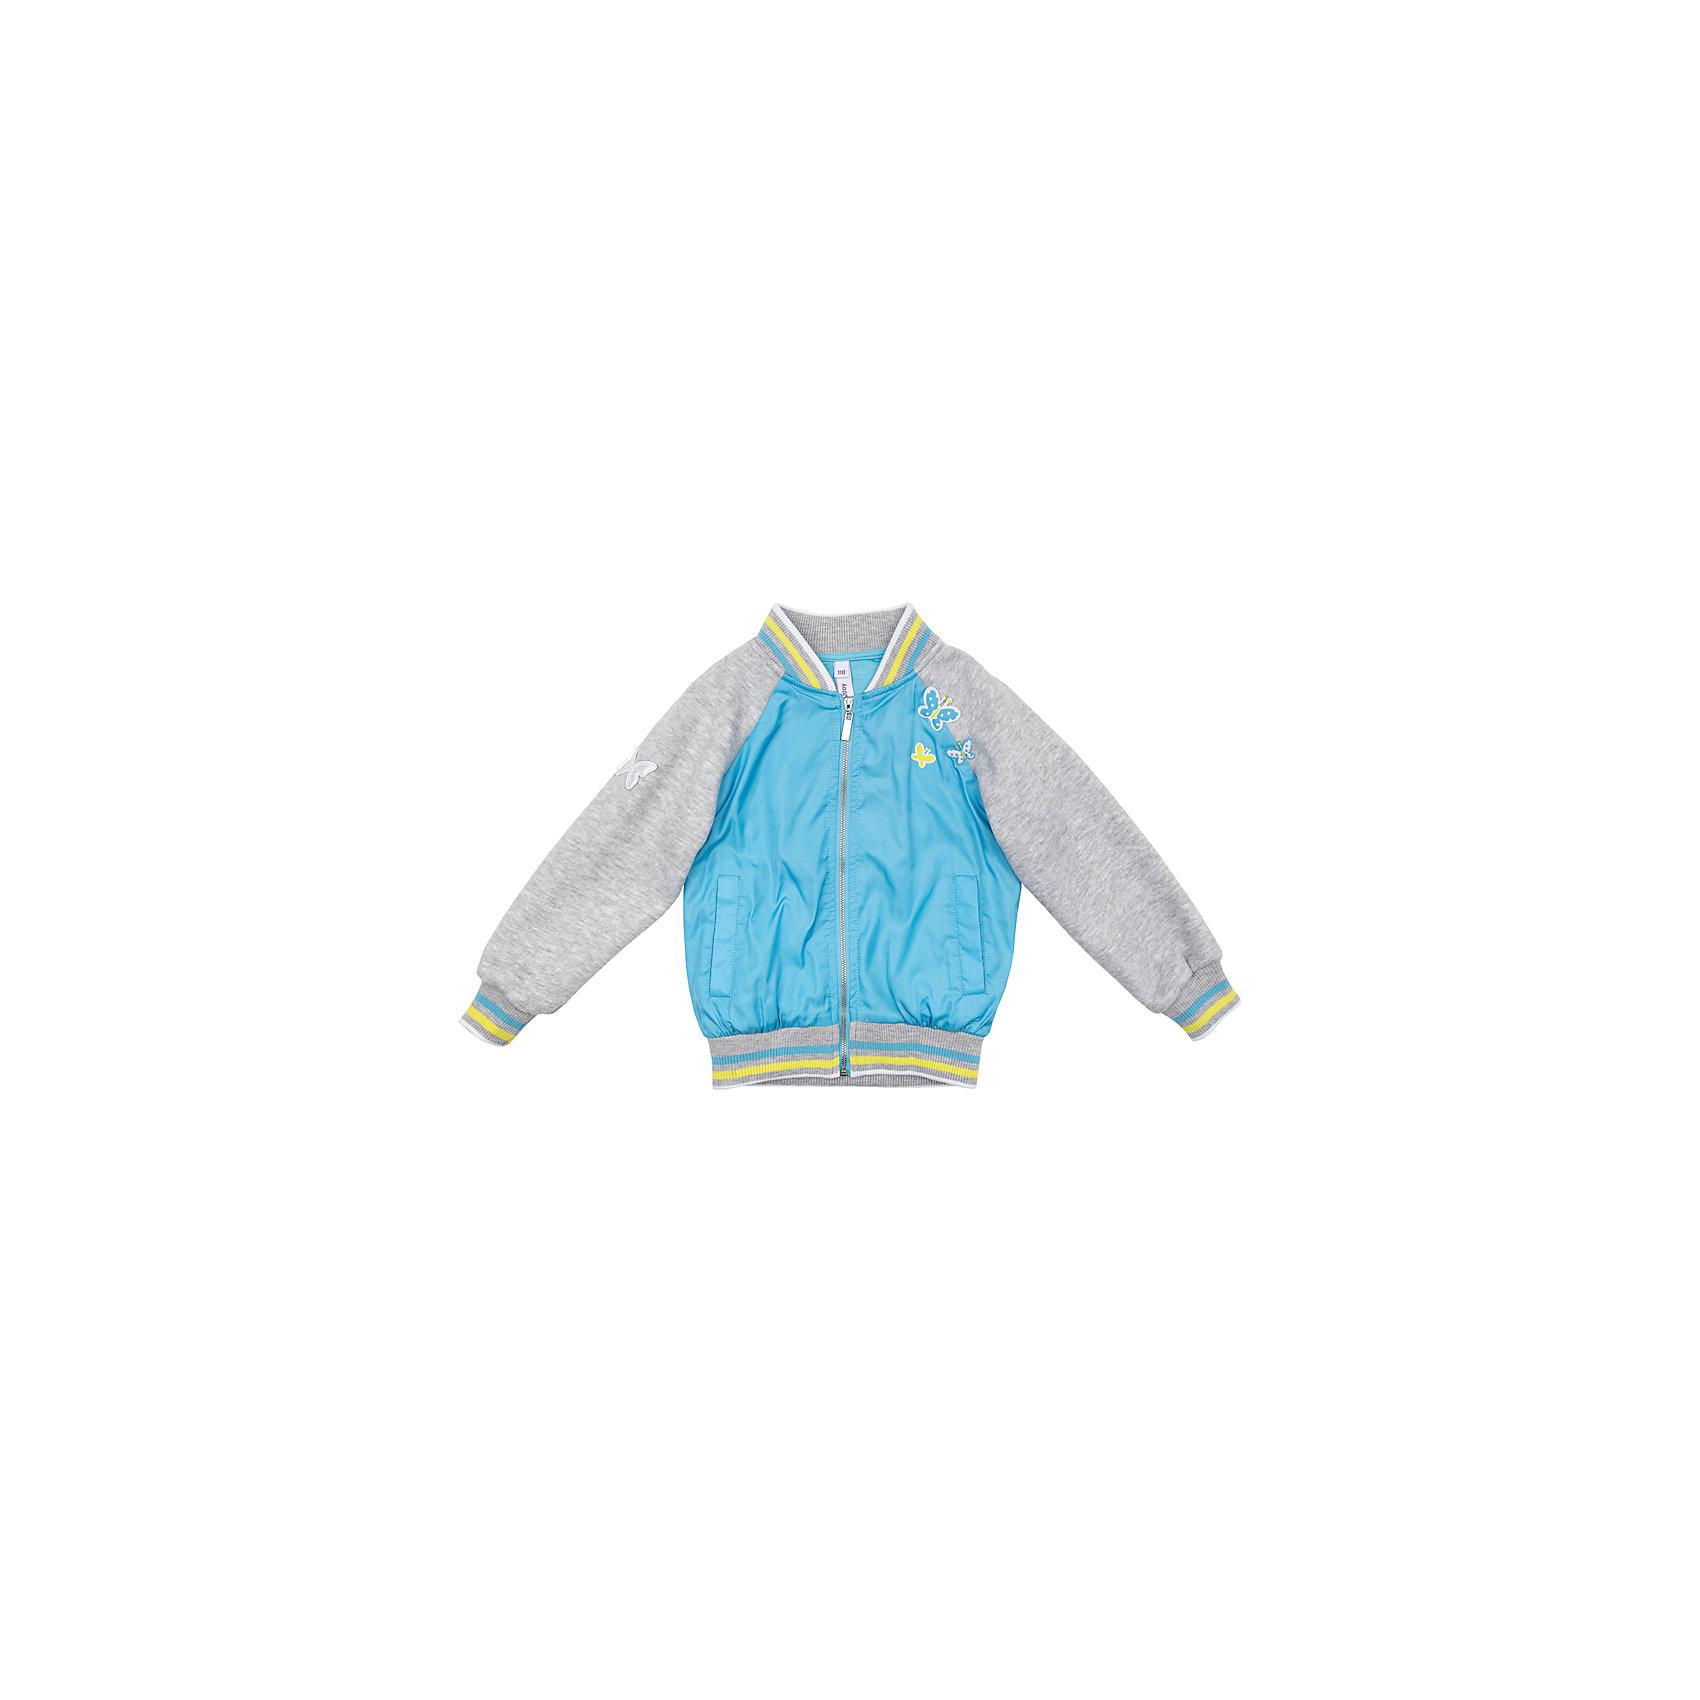 Куртка для девочки PlayTodayВетровки и жакеты<br>Куртка для девочки PlayToday<br>Яркая куртка на подкладке с рукавами из трикотажа подойдет для прохладной погоды. Мягкие резинки у горловины, манжетах и по низу изделия удерживают тепло. Аппликации в виде бабочек являются достойным украшением данного изделия. Светоотражатель на рукаве и по низу изделия позволит видеть Вашего ребенка в темное время суток.  <br><br>Преимущества: <br><br>Рукава из мягкого трикотажа<br>мягкие резинки у горловины, манжетах и по низу изделия<br>Светоотражатель на рукаве и по низу изделия<br><br><br>Состав:<br>Верх: 100% полиэстер, подкладка: 60% хлопок, 40% полиэстер<br><br>Ширина мм: 356<br>Глубина мм: 10<br>Высота мм: 245<br>Вес г: 519<br>Цвет: разноцветный<br>Возраст от месяцев: 24<br>Возраст до месяцев: 36<br>Пол: Женский<br>Возраст: Детский<br>Размер: 110,104,98,128,122,116<br>SKU: 5404237